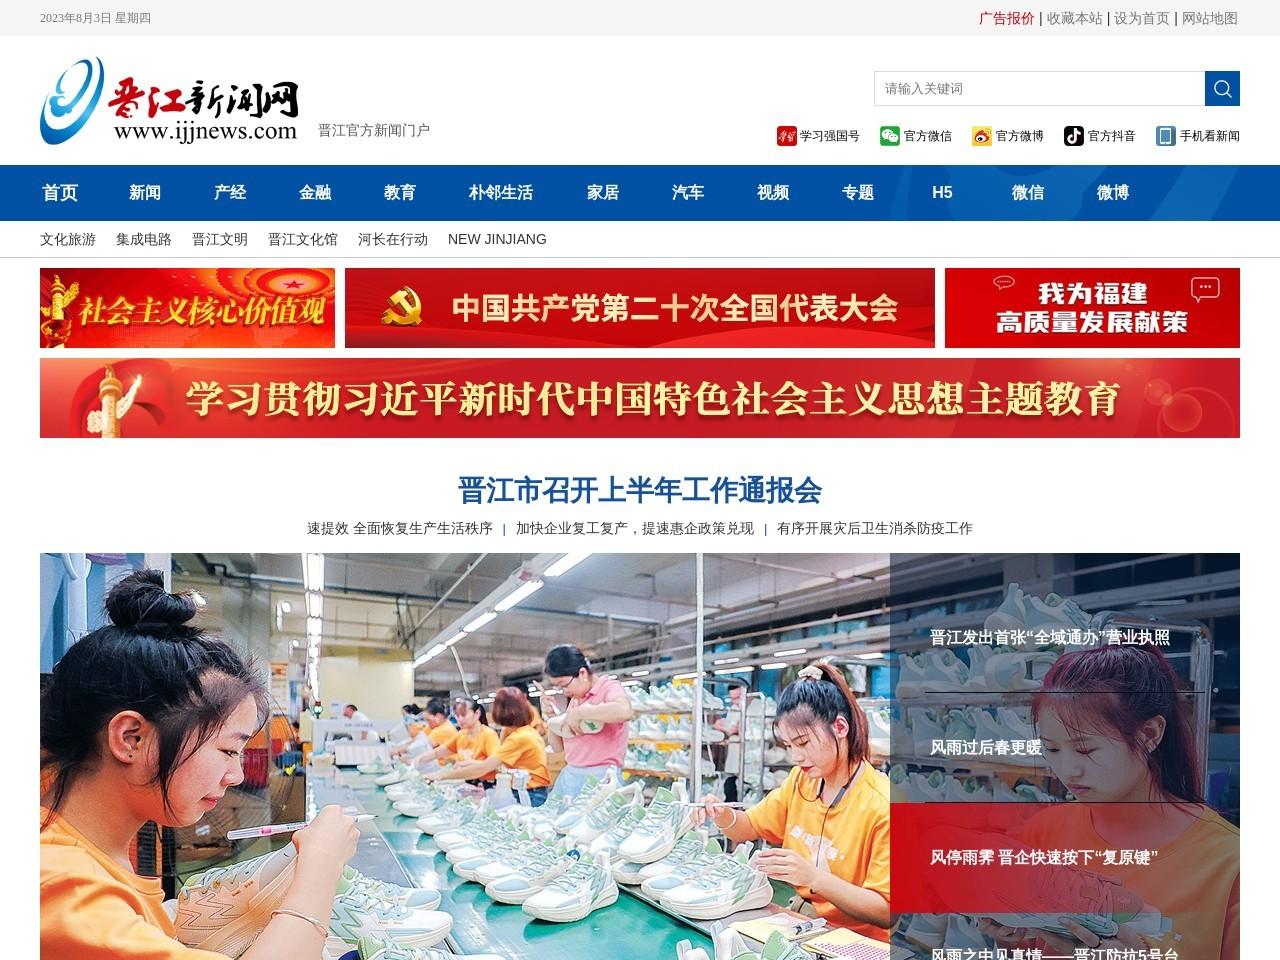 晋江网_晋江新闻网